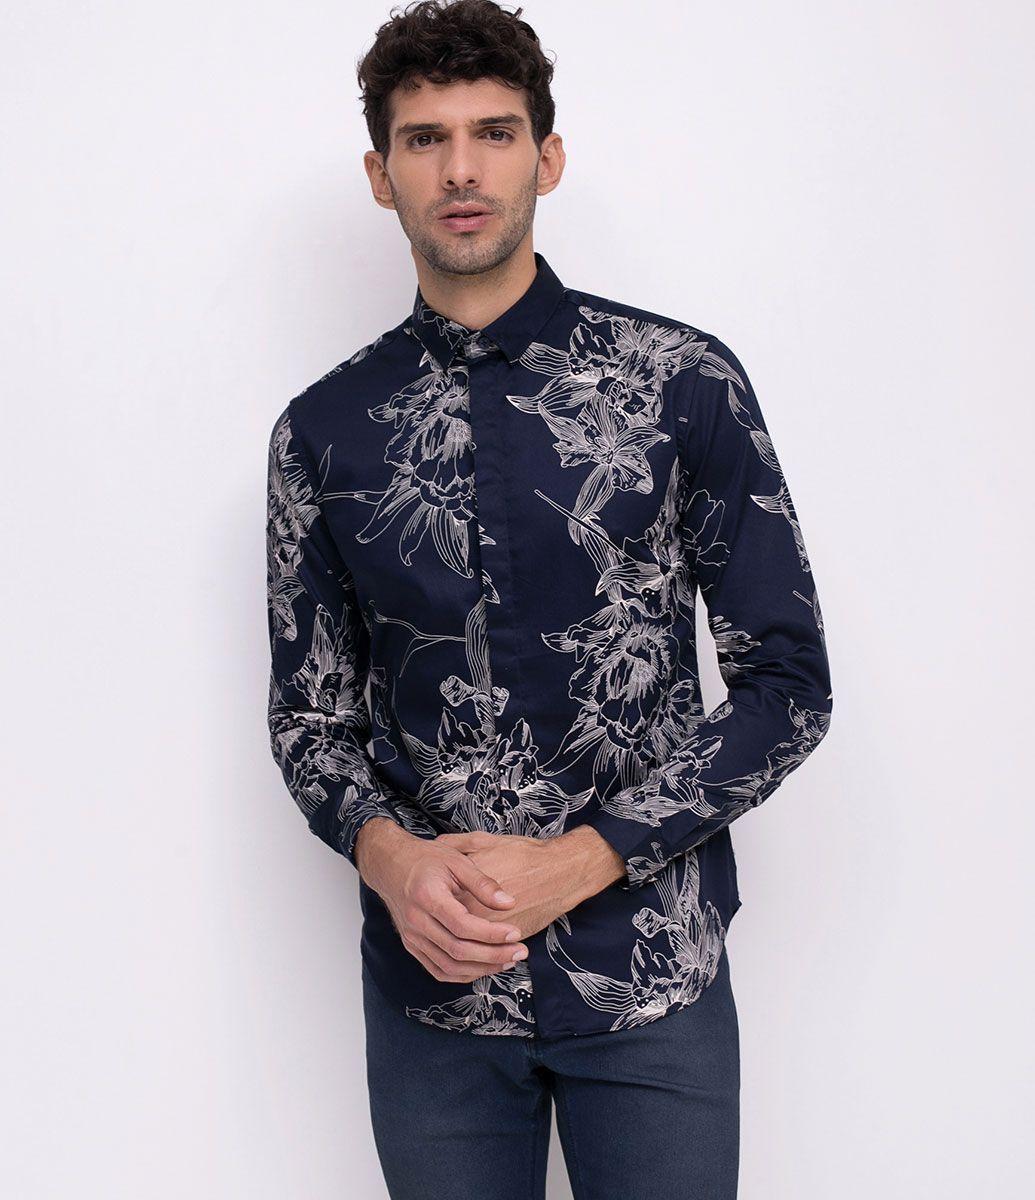 4ed12cf27a Camisa masculina Manga longa Estampada Marca  Request Tecido  algodão.  poliéster Composição  100